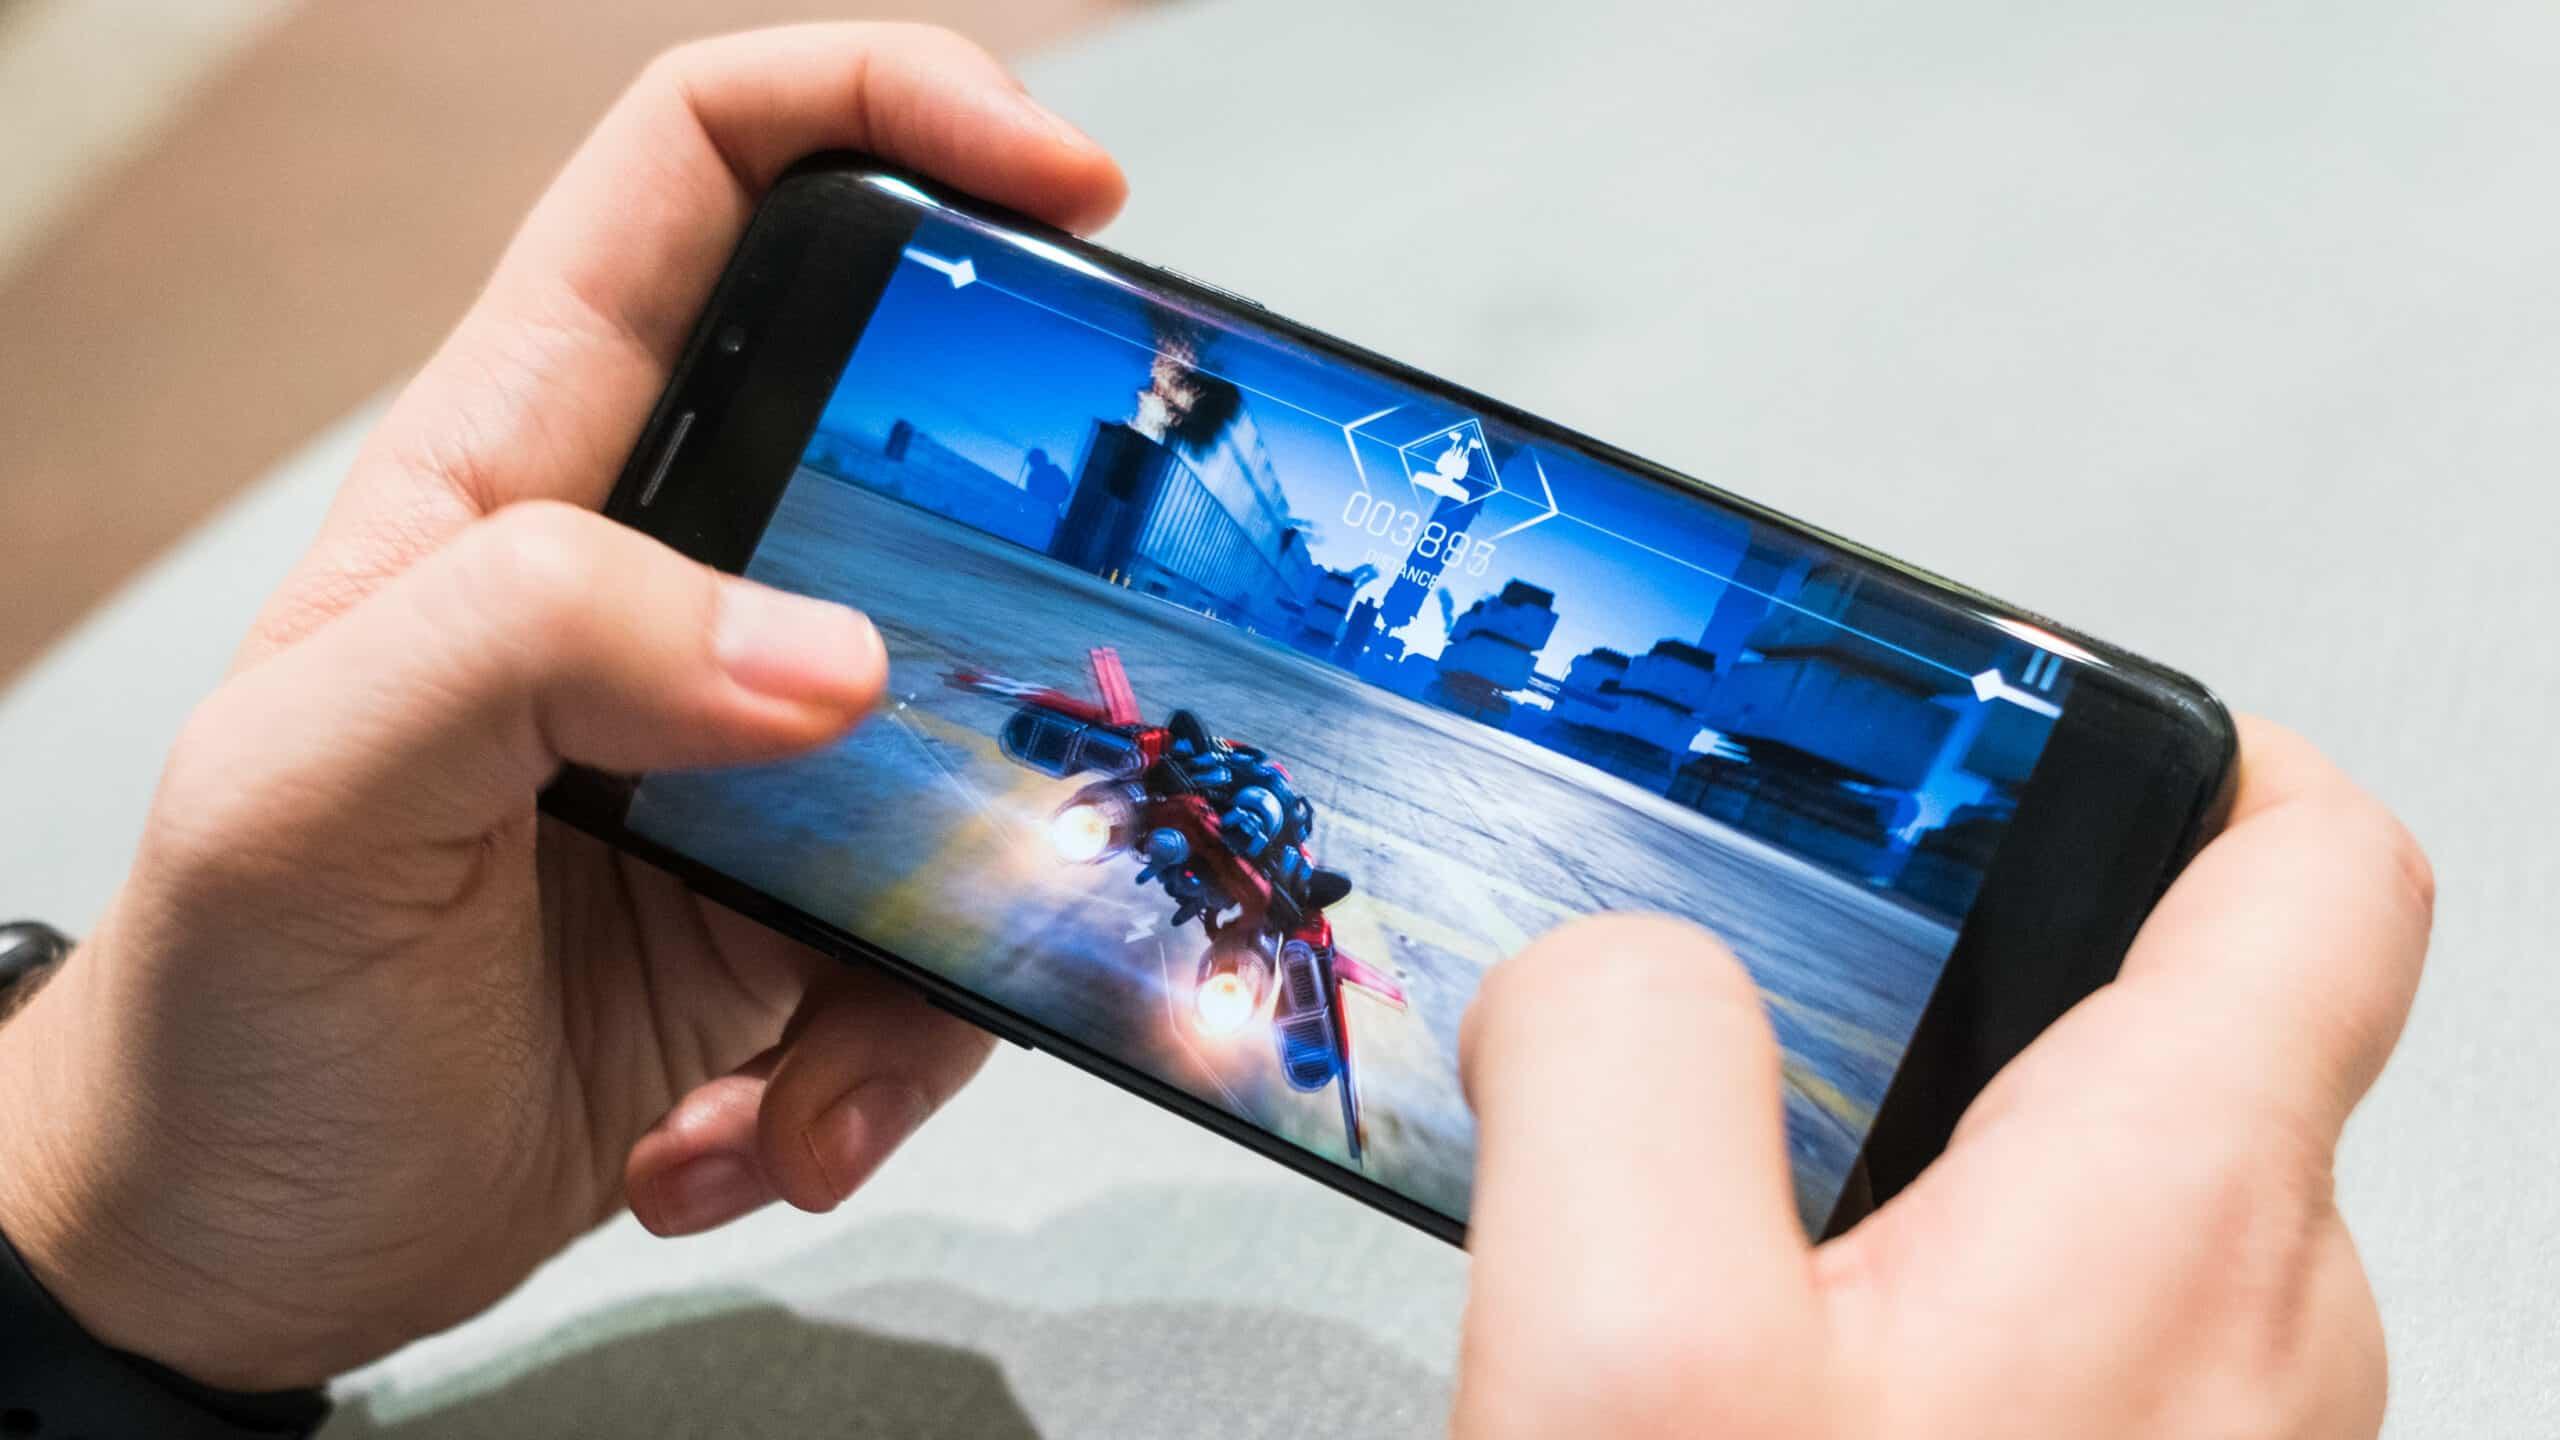 Daftar-Game-yang-Support-Aplikasi-X8-Speeder